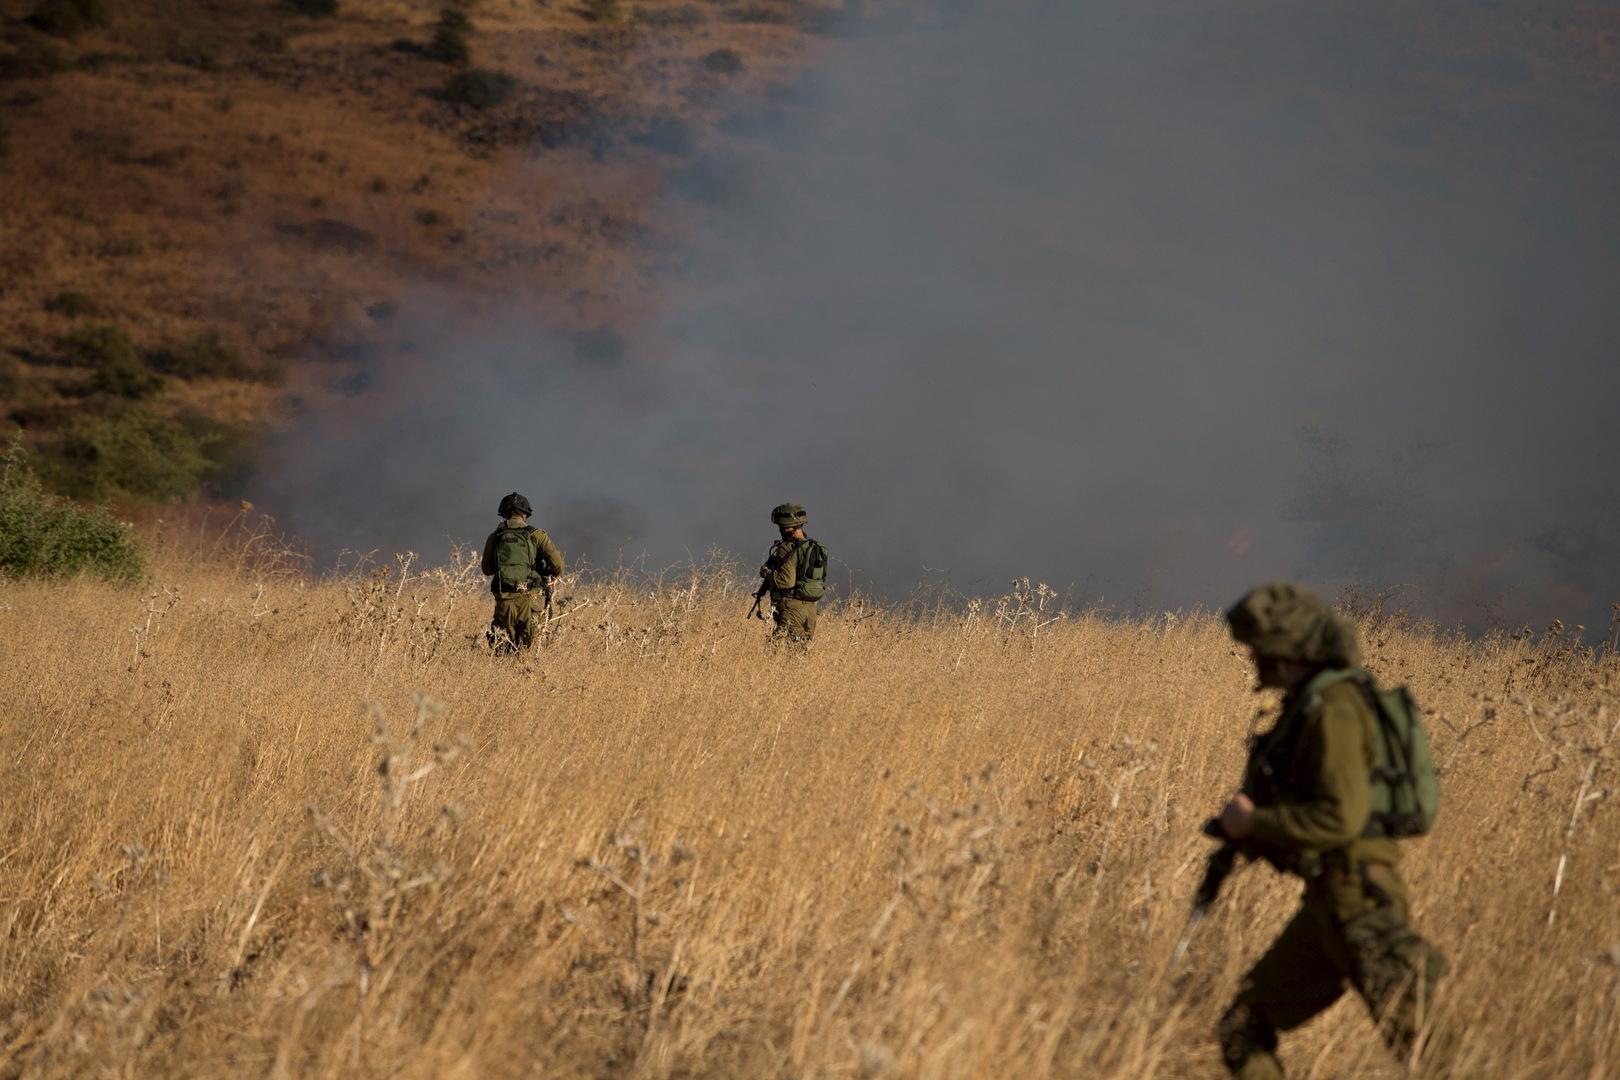 الجيش الإسرائيلي يطلق النار على دورية للجيش اللبناني قرب السياج التقني